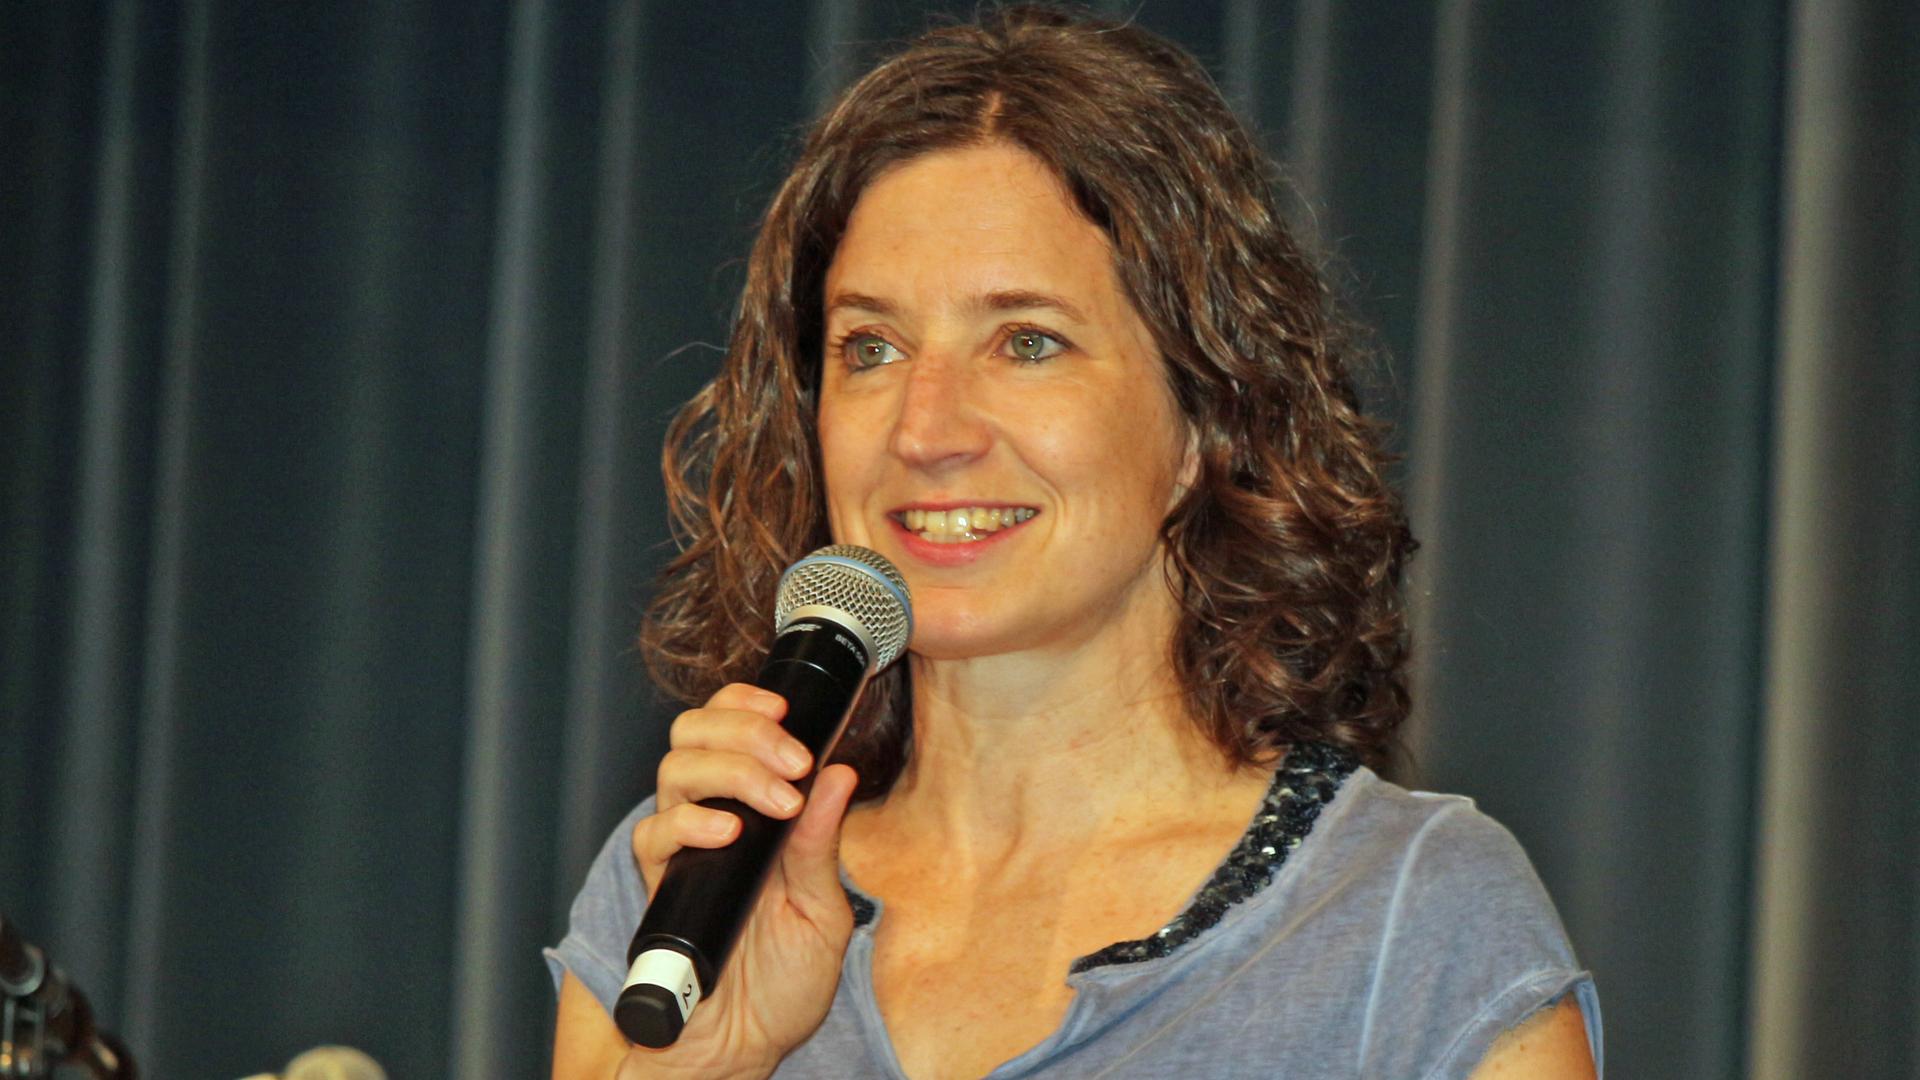 Stefanie Schwarz, Jugendreferentin beim Evangelischen Jugendwerk in Württemberg (EJW), mahnte zu gegenseitiger Wertschätzung unter Christen